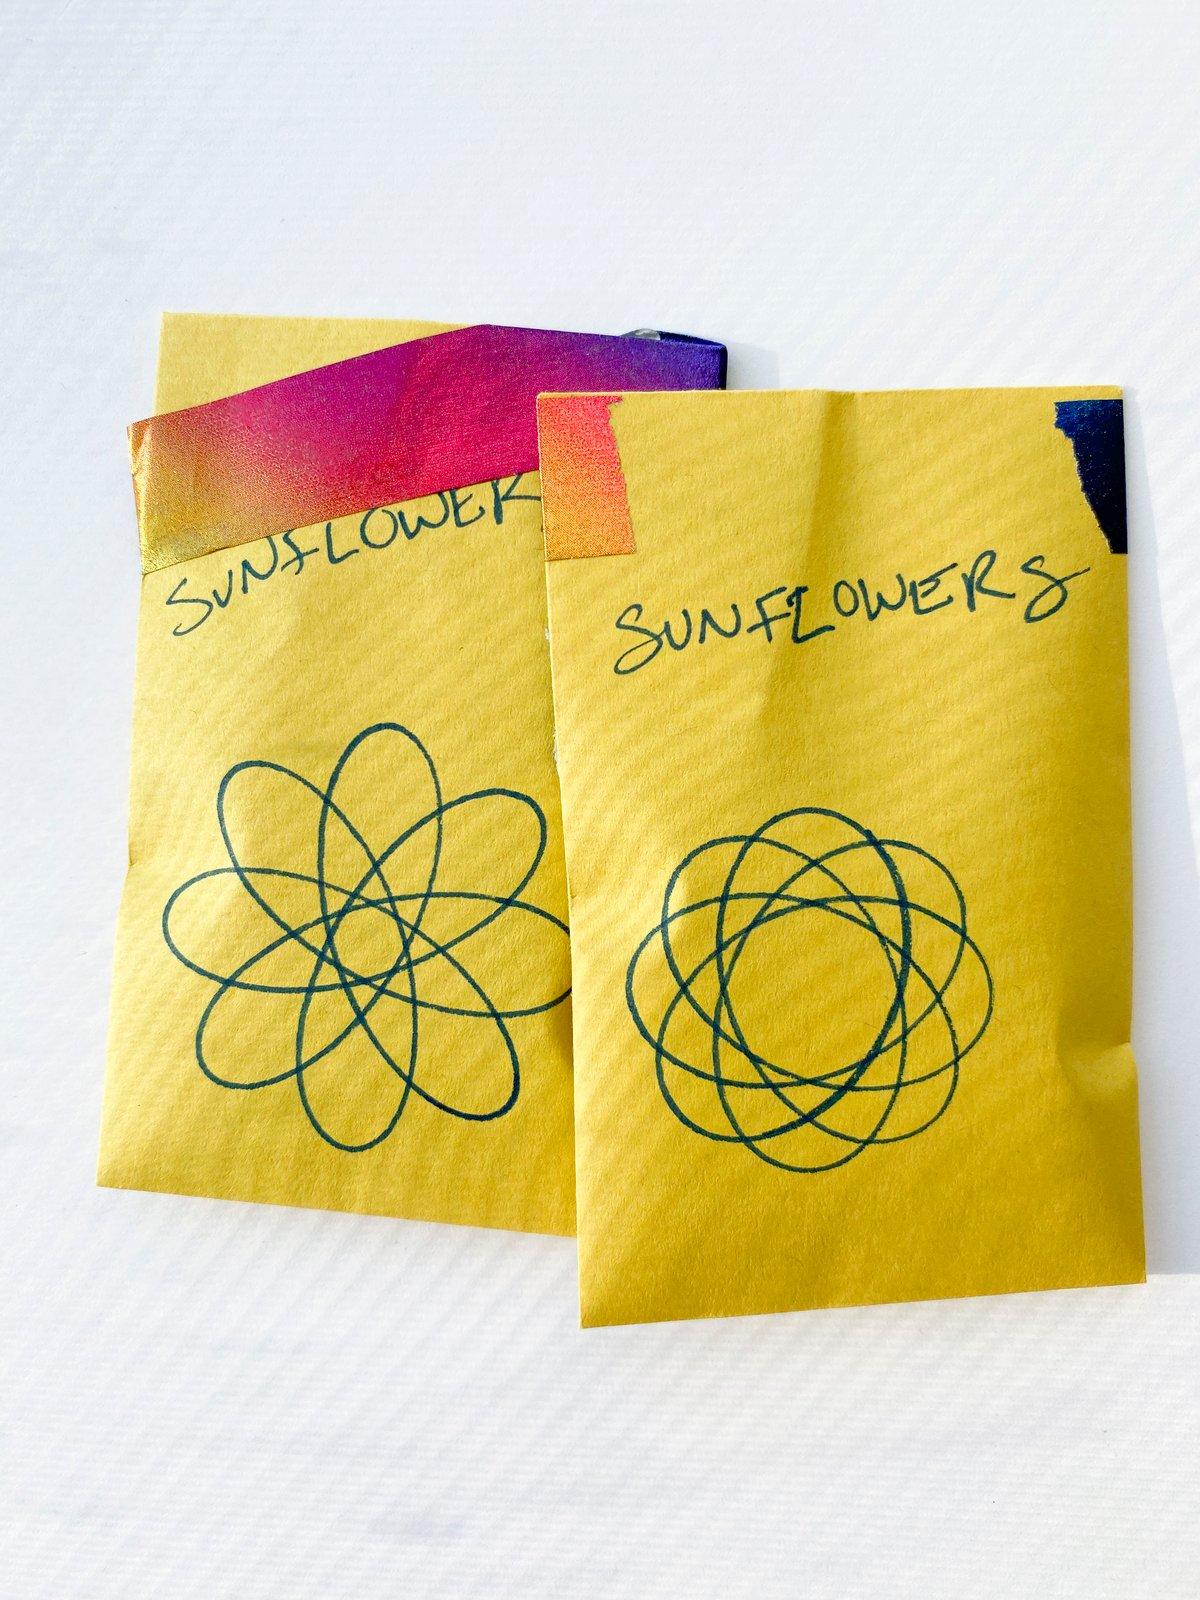 Image of Mammoth Sunflower Seeds